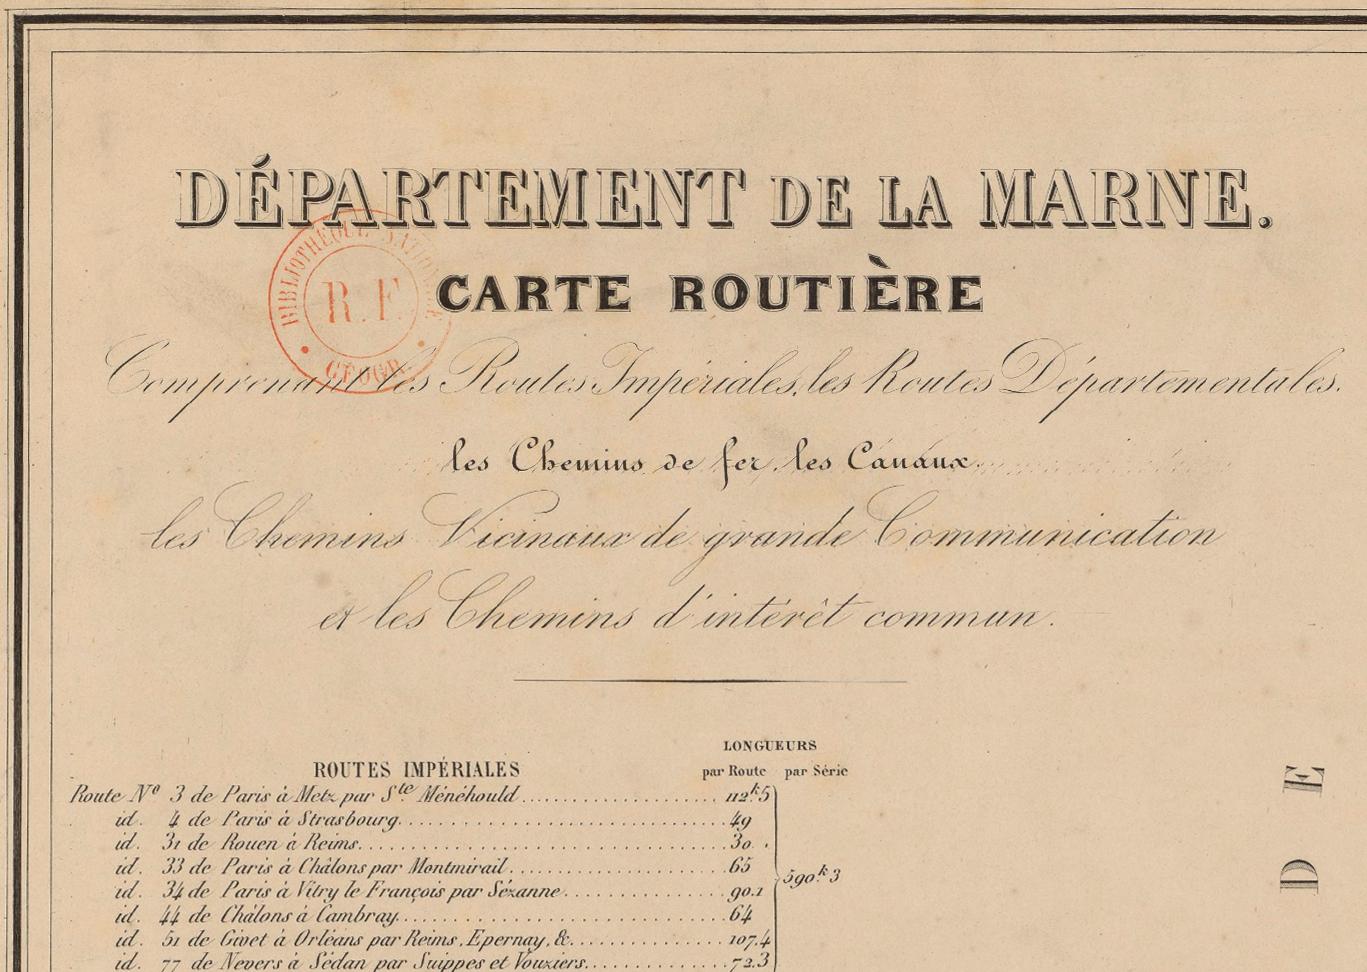 Liste Des Routes Imperiales Francaises De 1811 Wikipedia